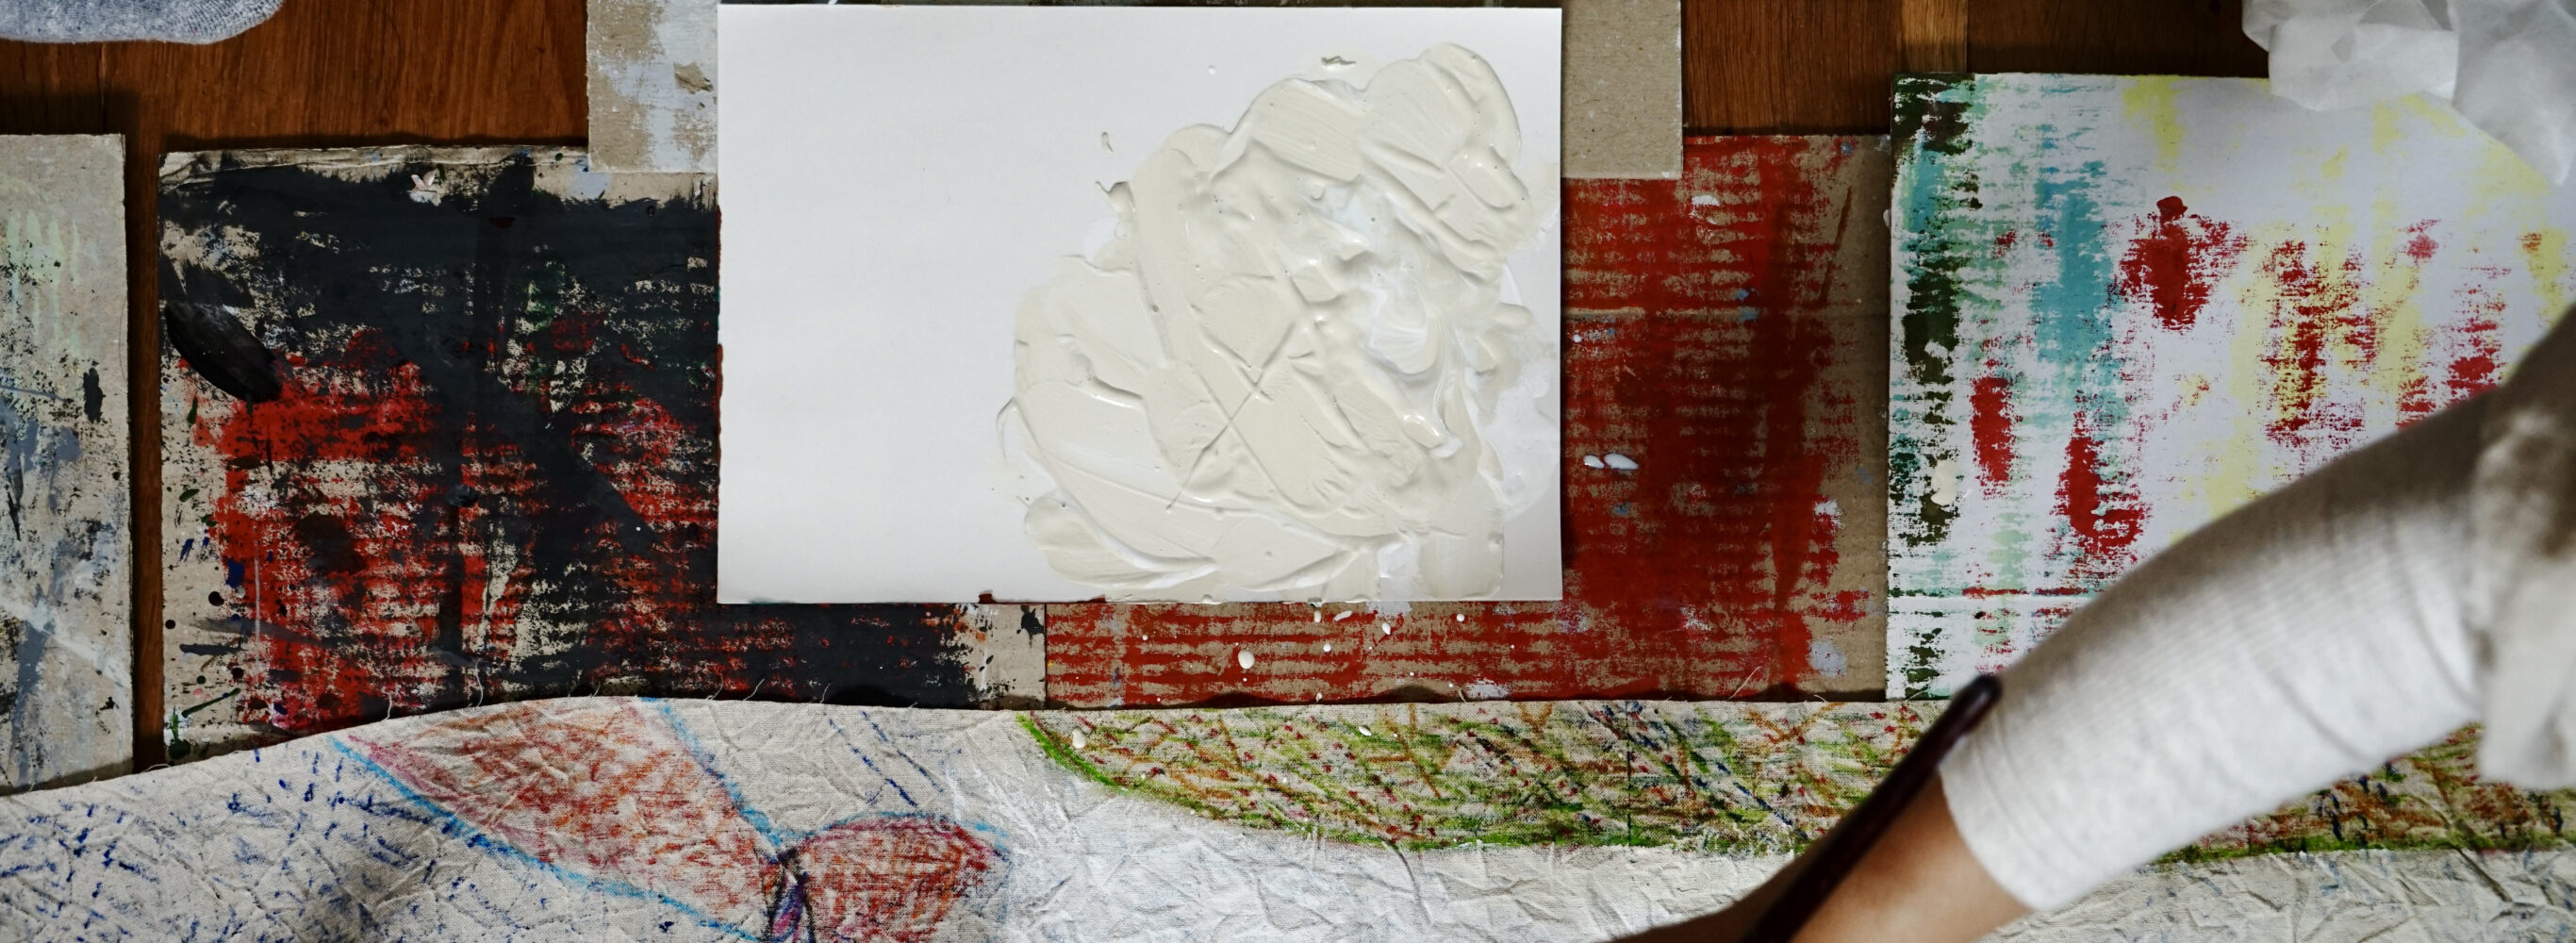 布と絵の具とkapoc